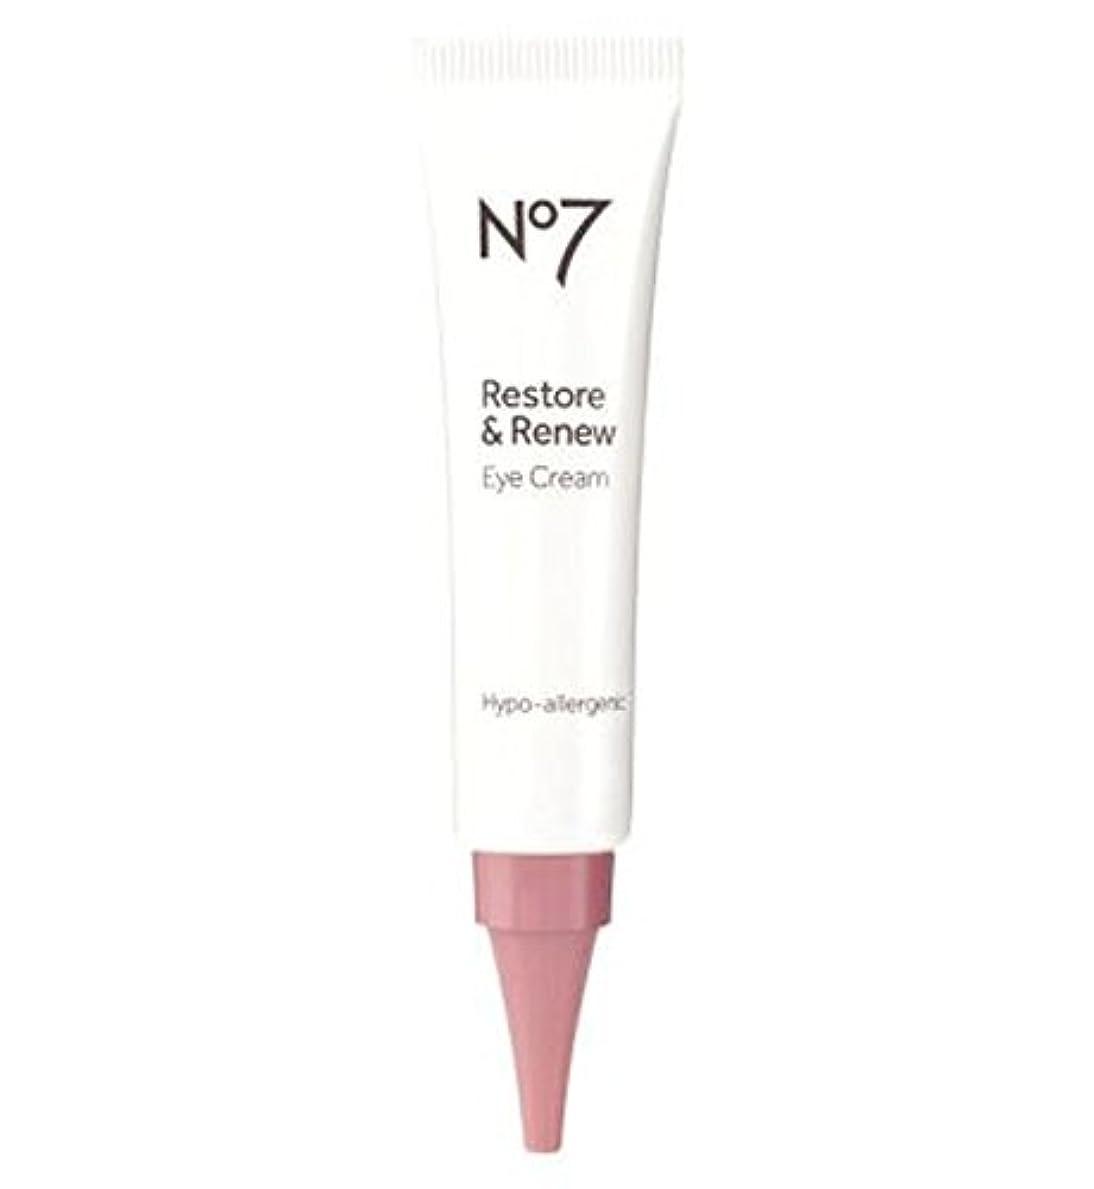 怖がらせるシエスタ発信No7 Restore & Renew Eye Cream - No7復元&アイクリームを更新 (No7) [並行輸入品]